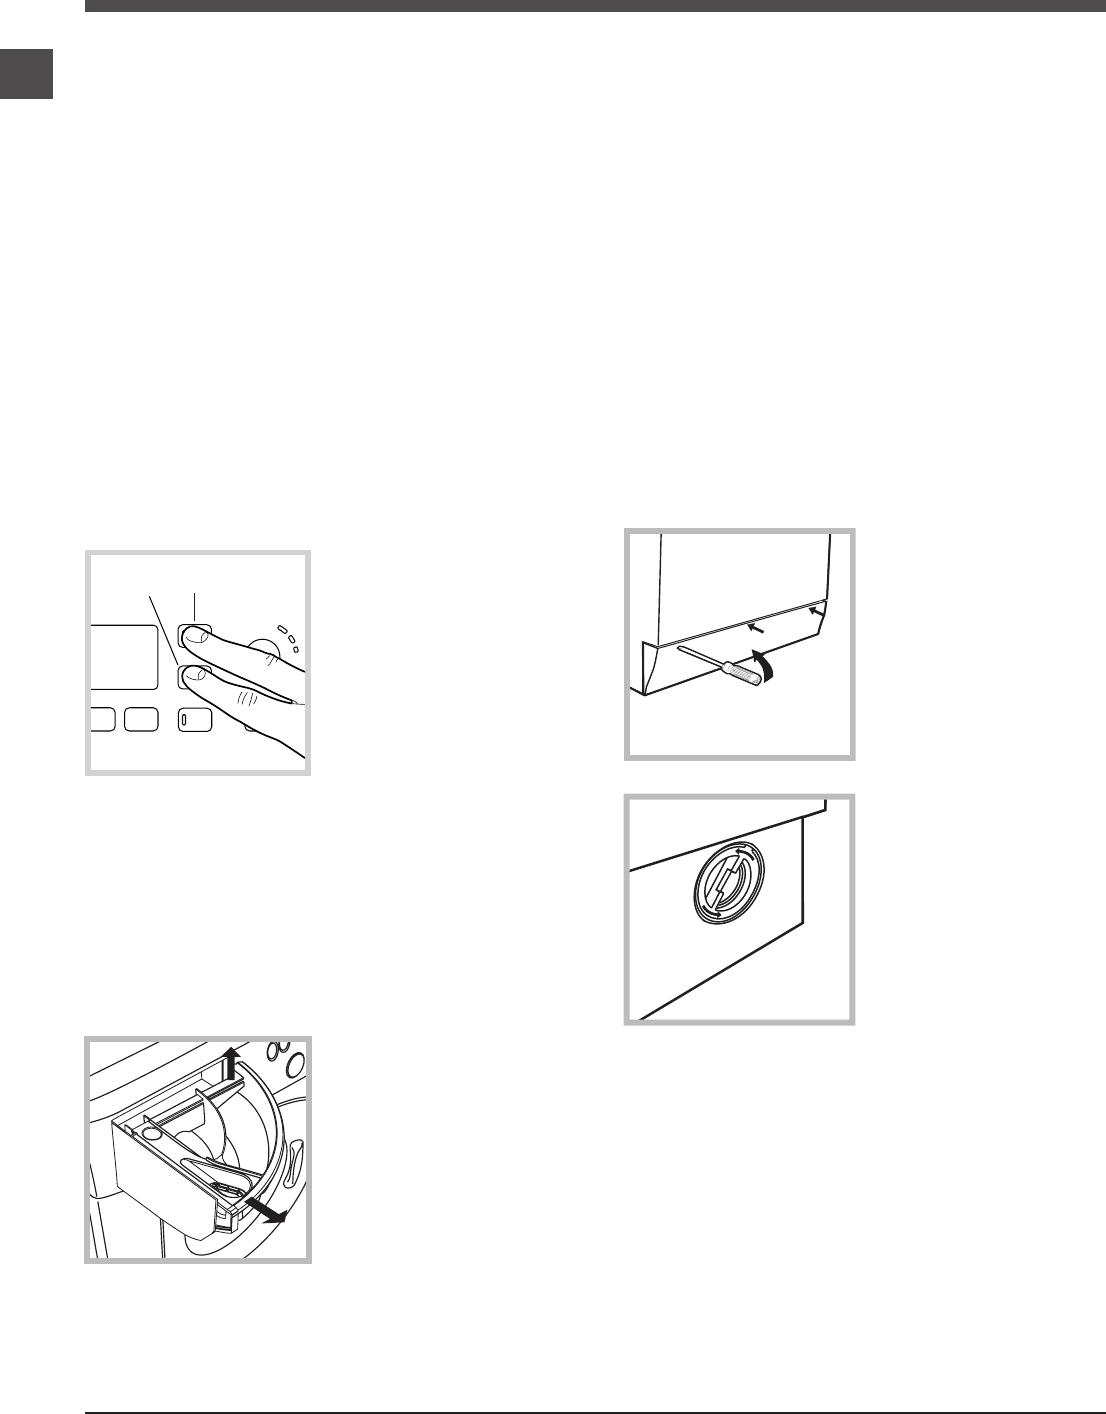 Manual de utilizare Hotpoint Ariston WMSG 622B EU (72 pagini)